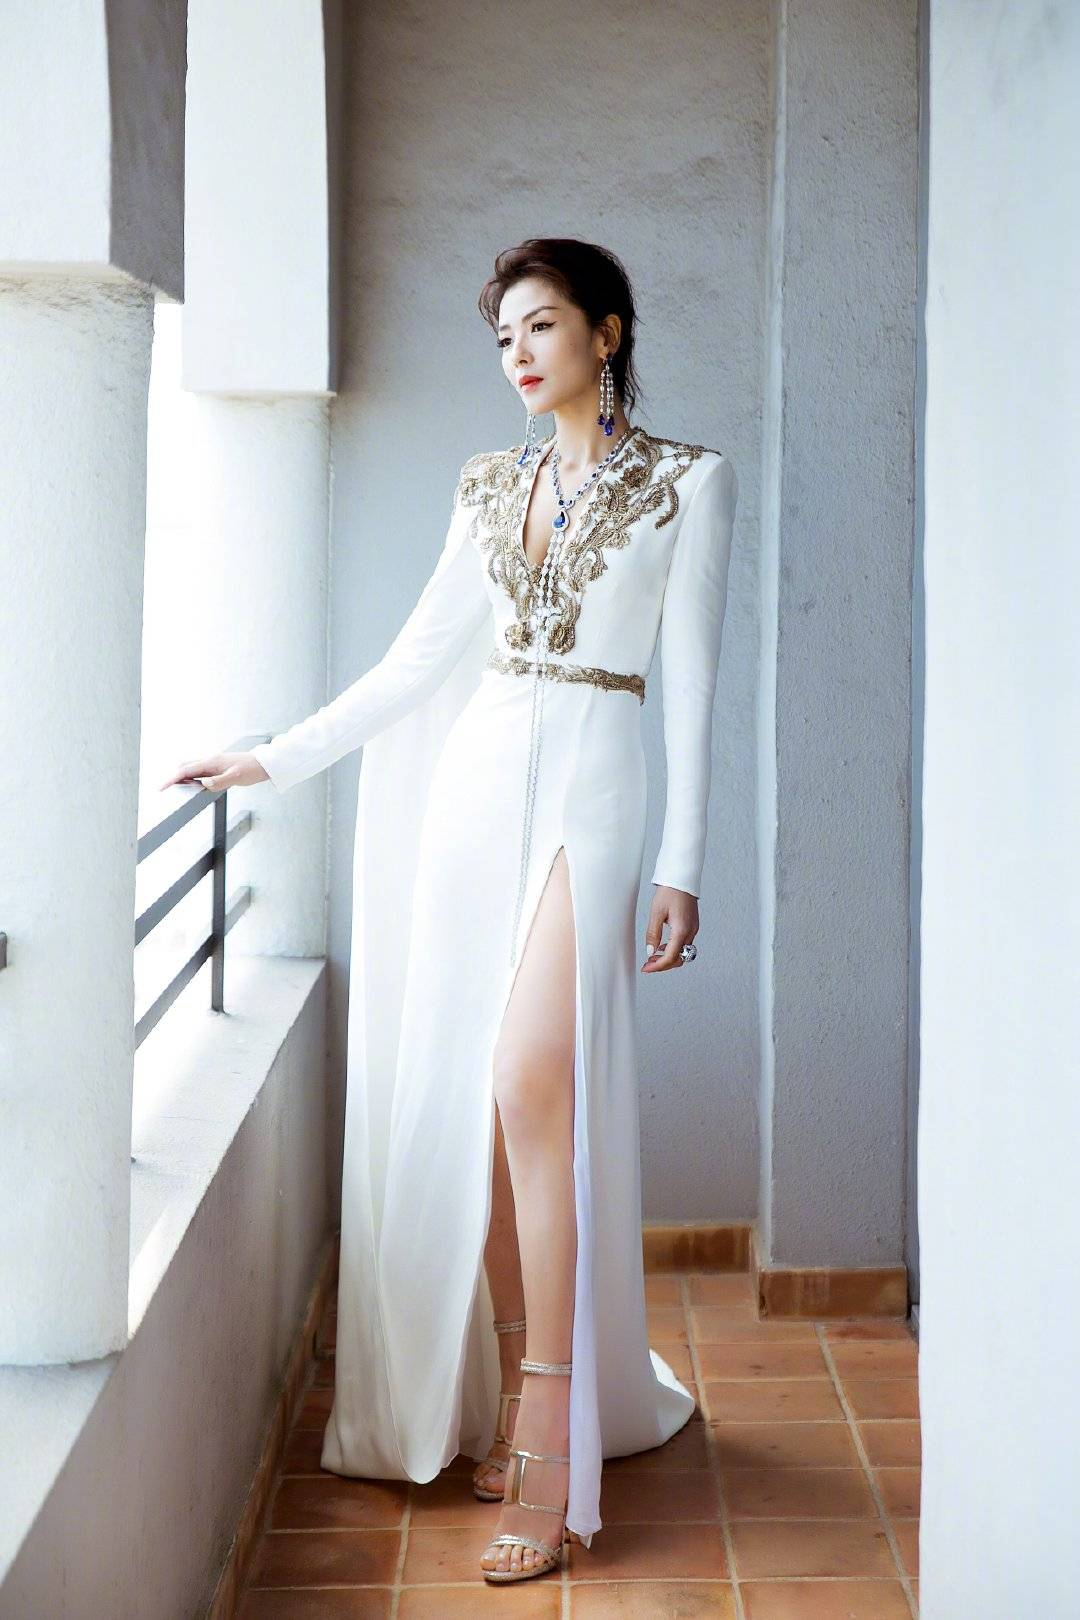 """原创             巩俐、刘涛亮相戛纳,同穿白裙诠释""""女王范"""",120斤的对决?"""